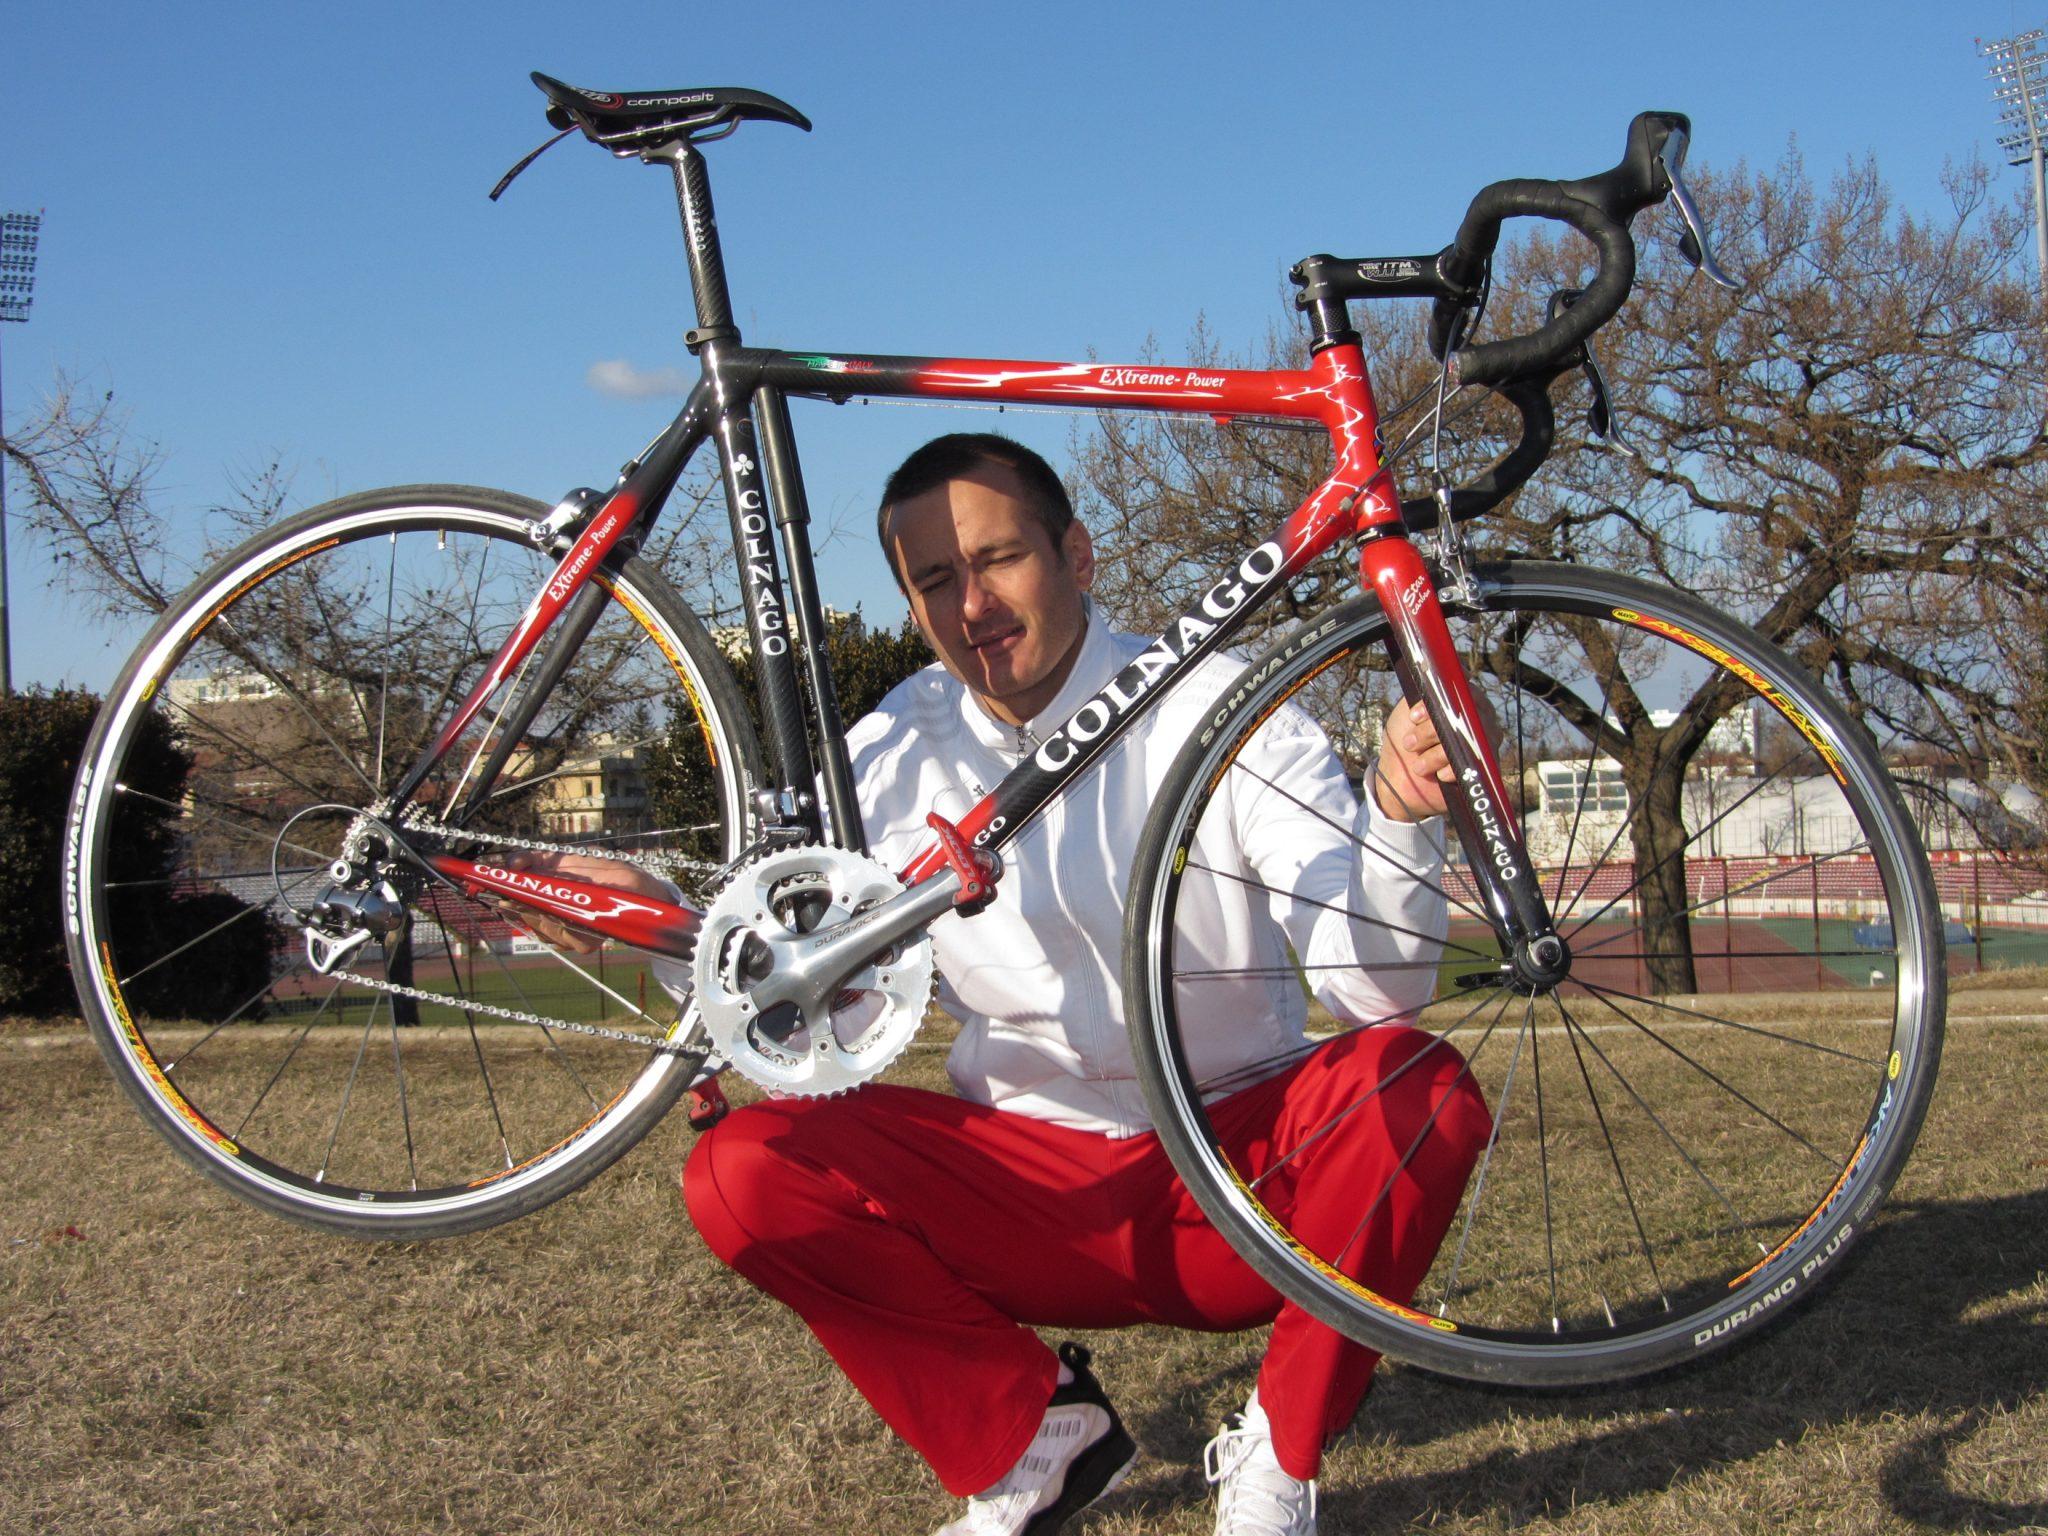 Bicicleta Colnago pe care se antrenează Alex pe timp de iarnă